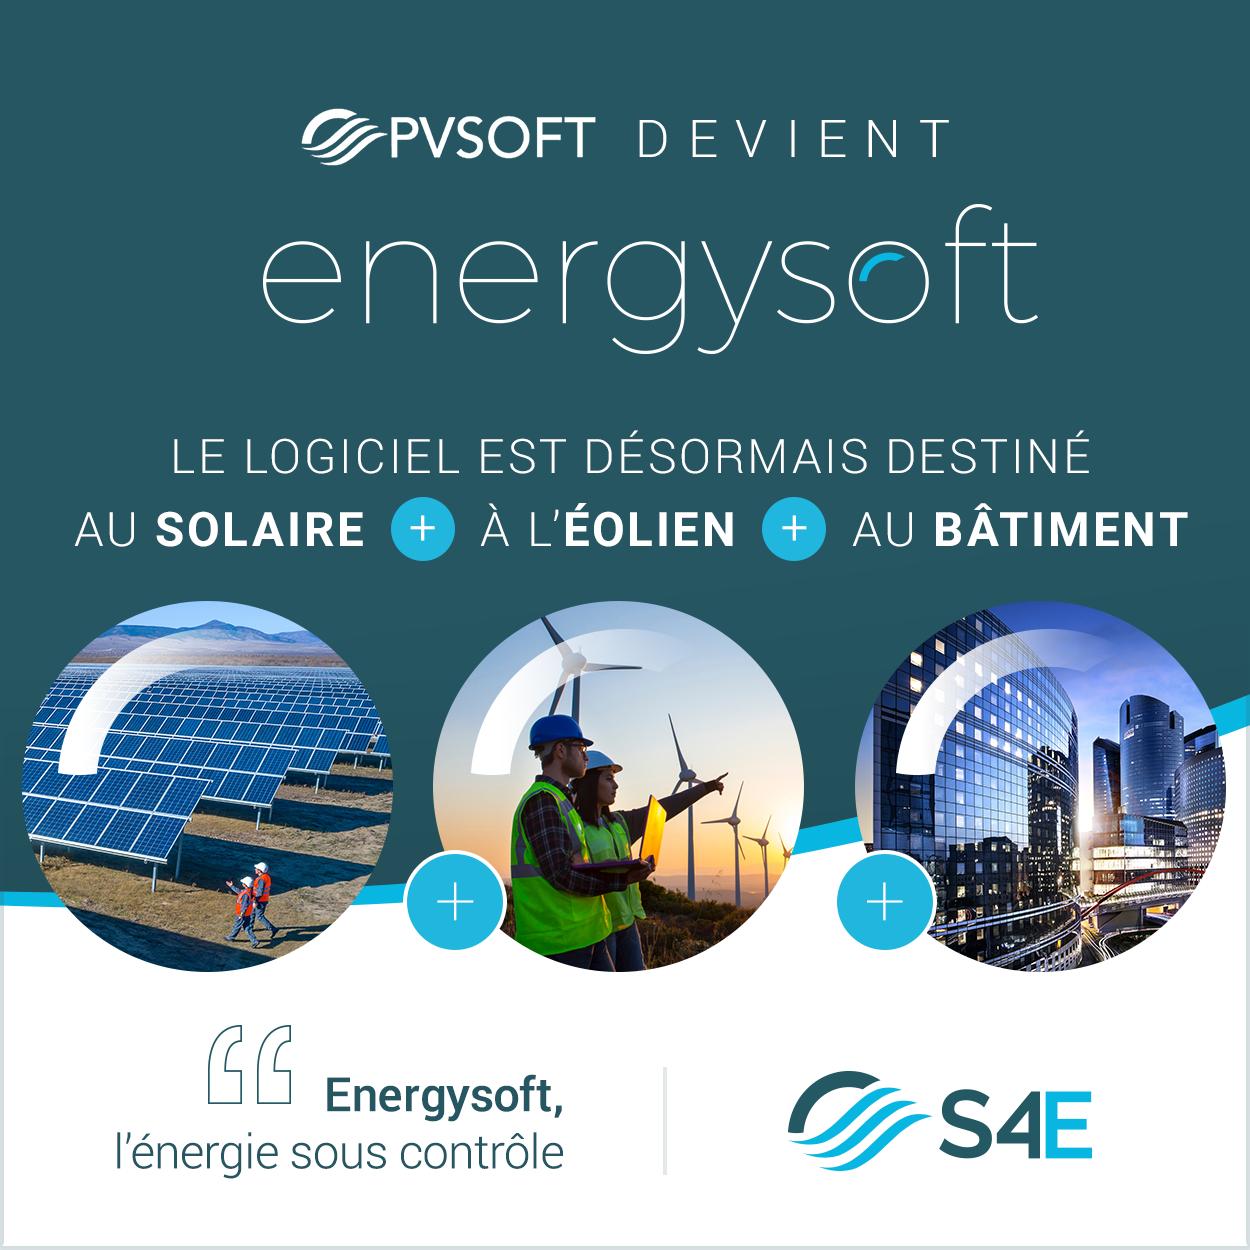 PVSOFT devient energysoft